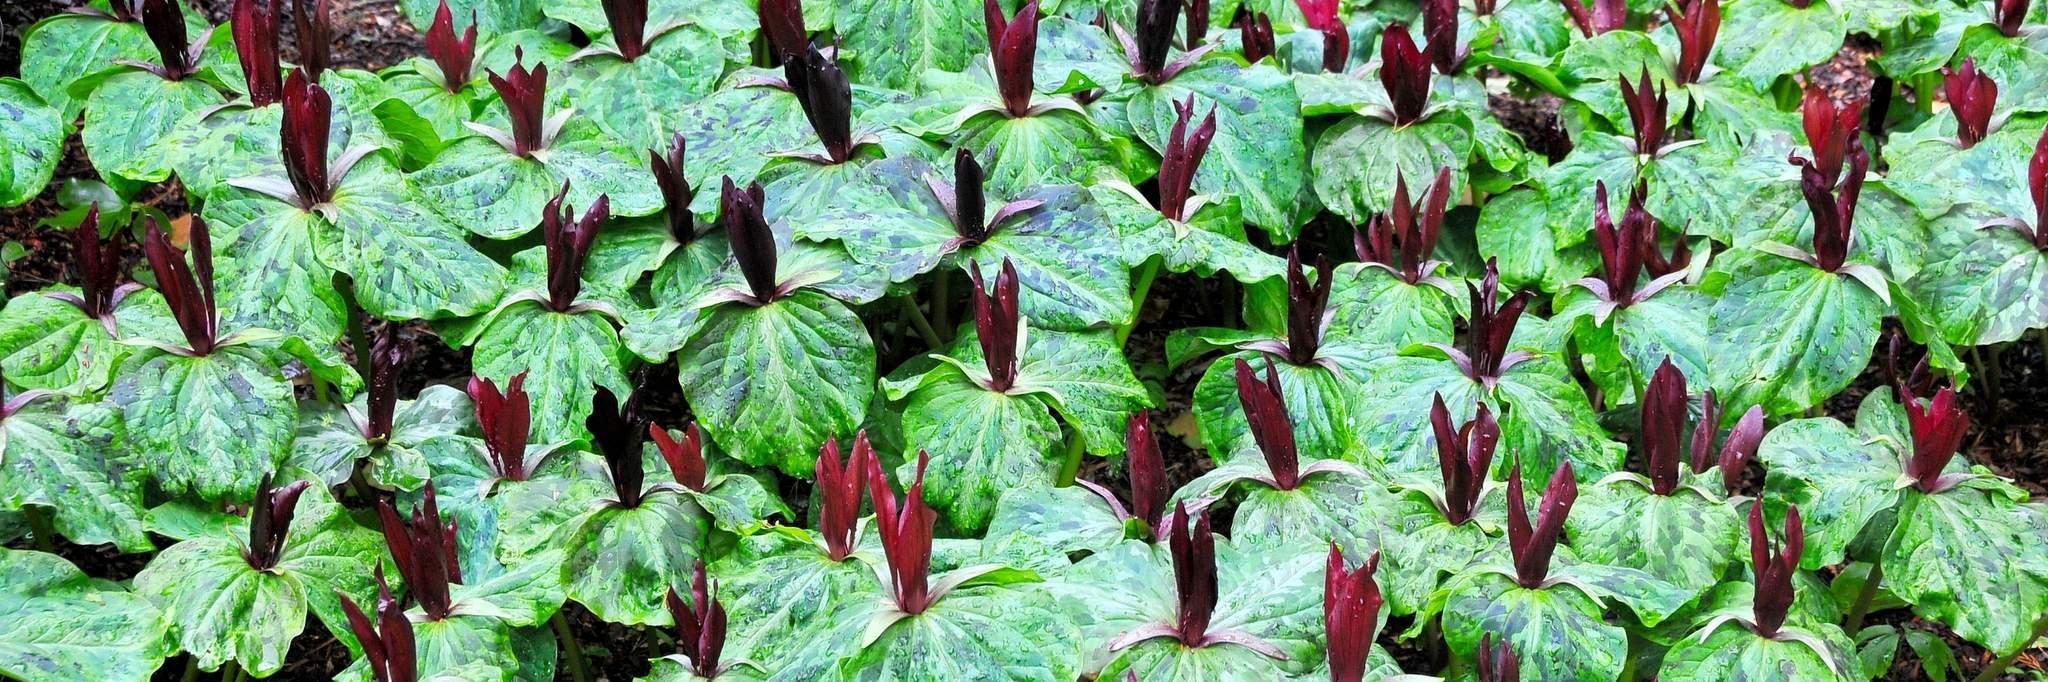 Gardens in Ayrshire